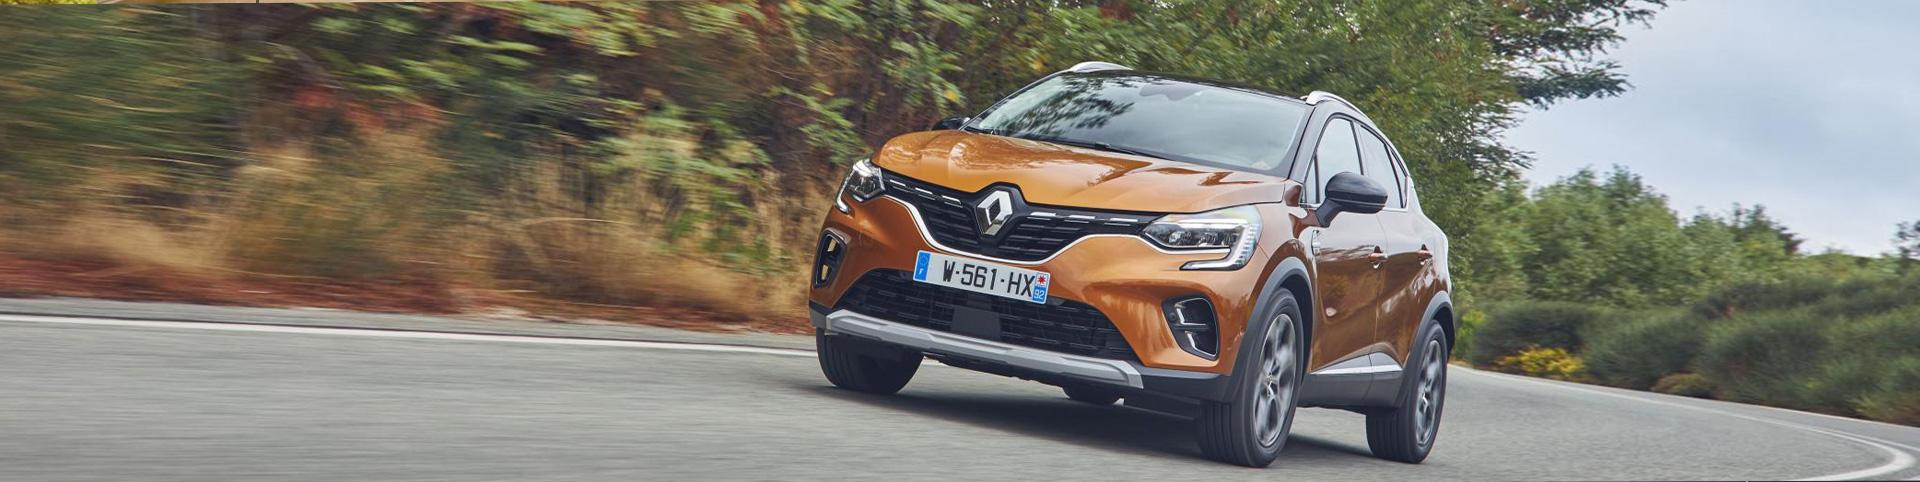 Renault Captur Autozentren P&A -Preckel